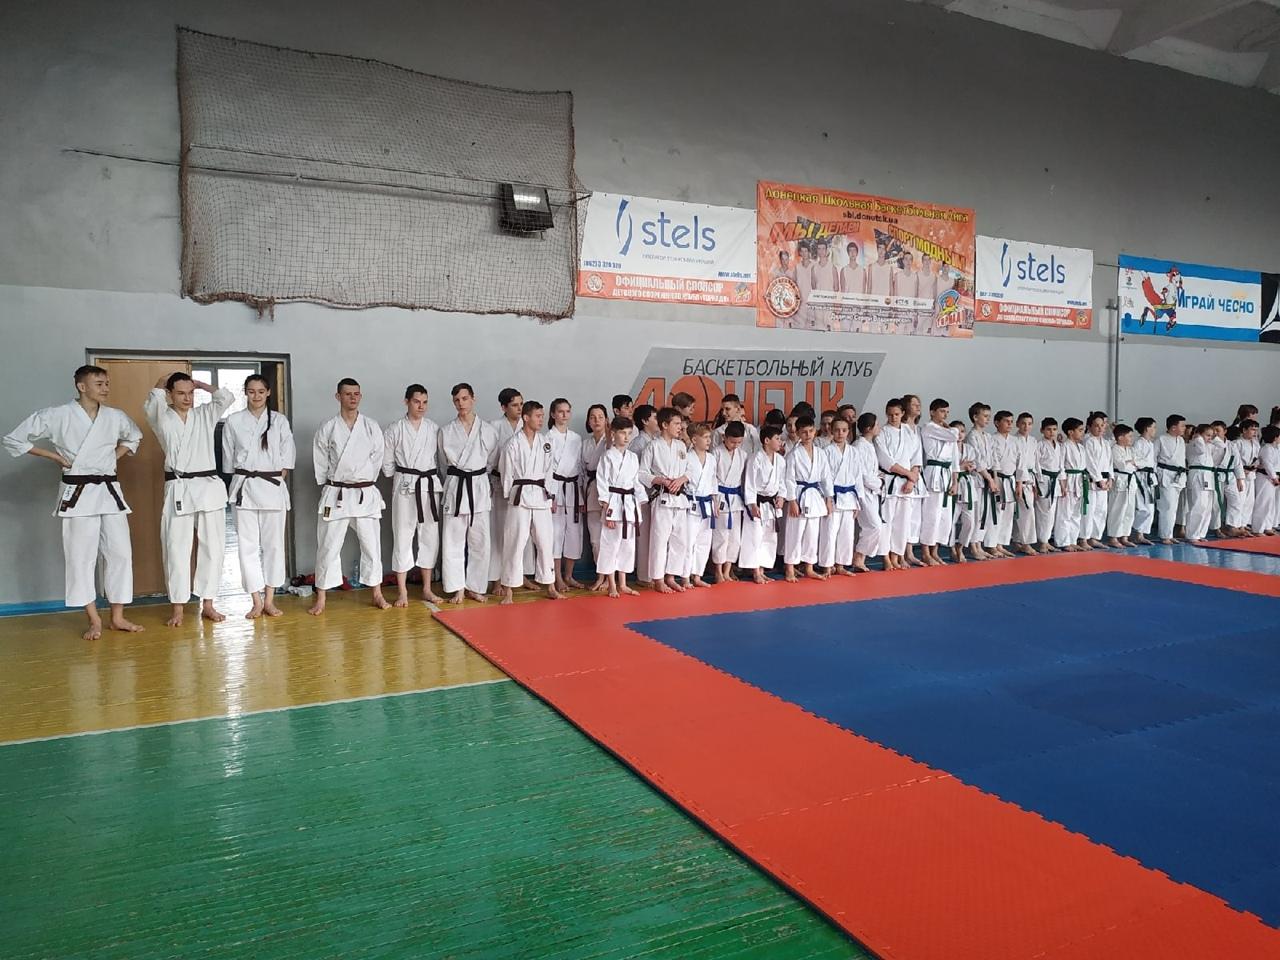 В Донецке состоялся «Кубок Кайдзен» по традиционному каратэ